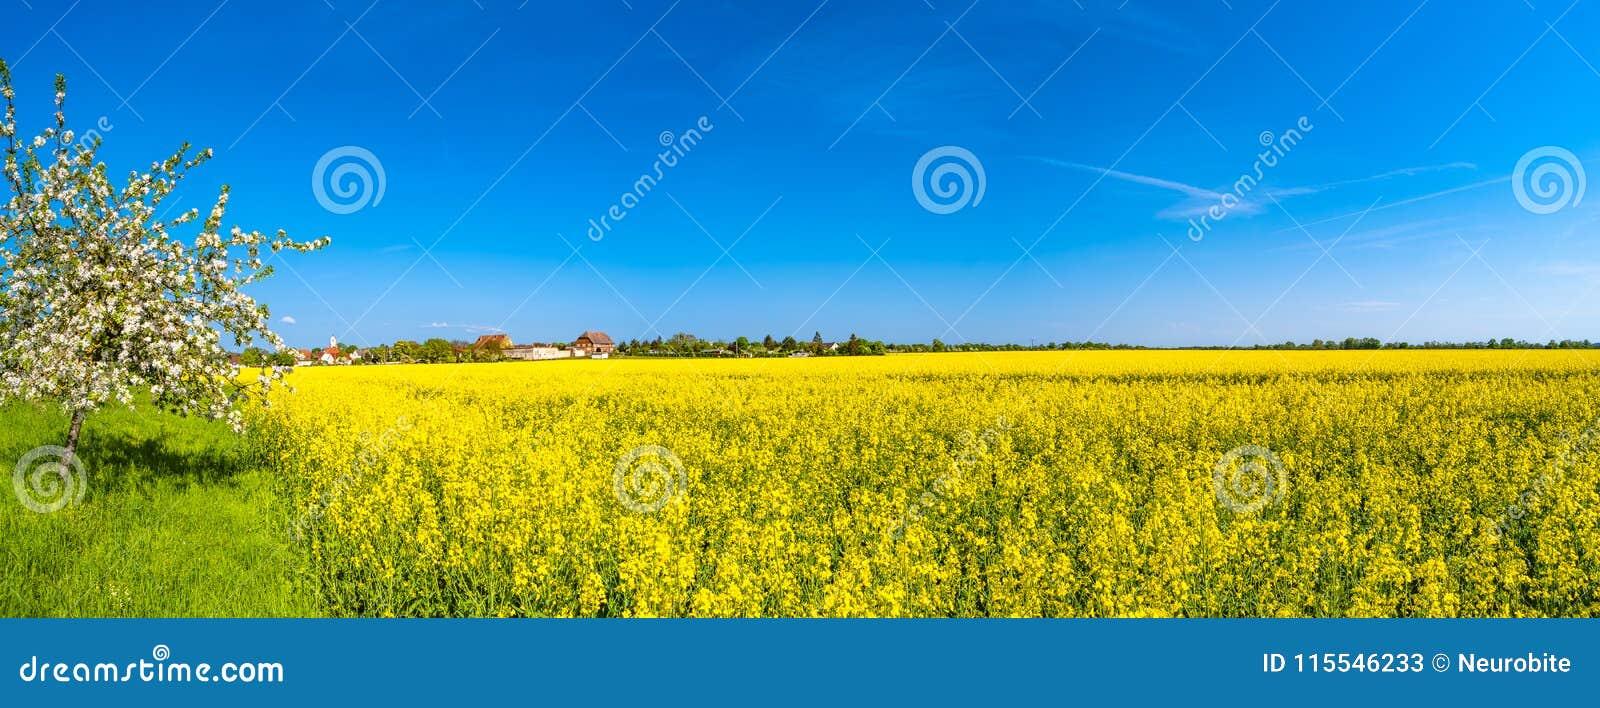 Panorama van mooi landbouwbedrijflandschap van raapzaadgebied binnen